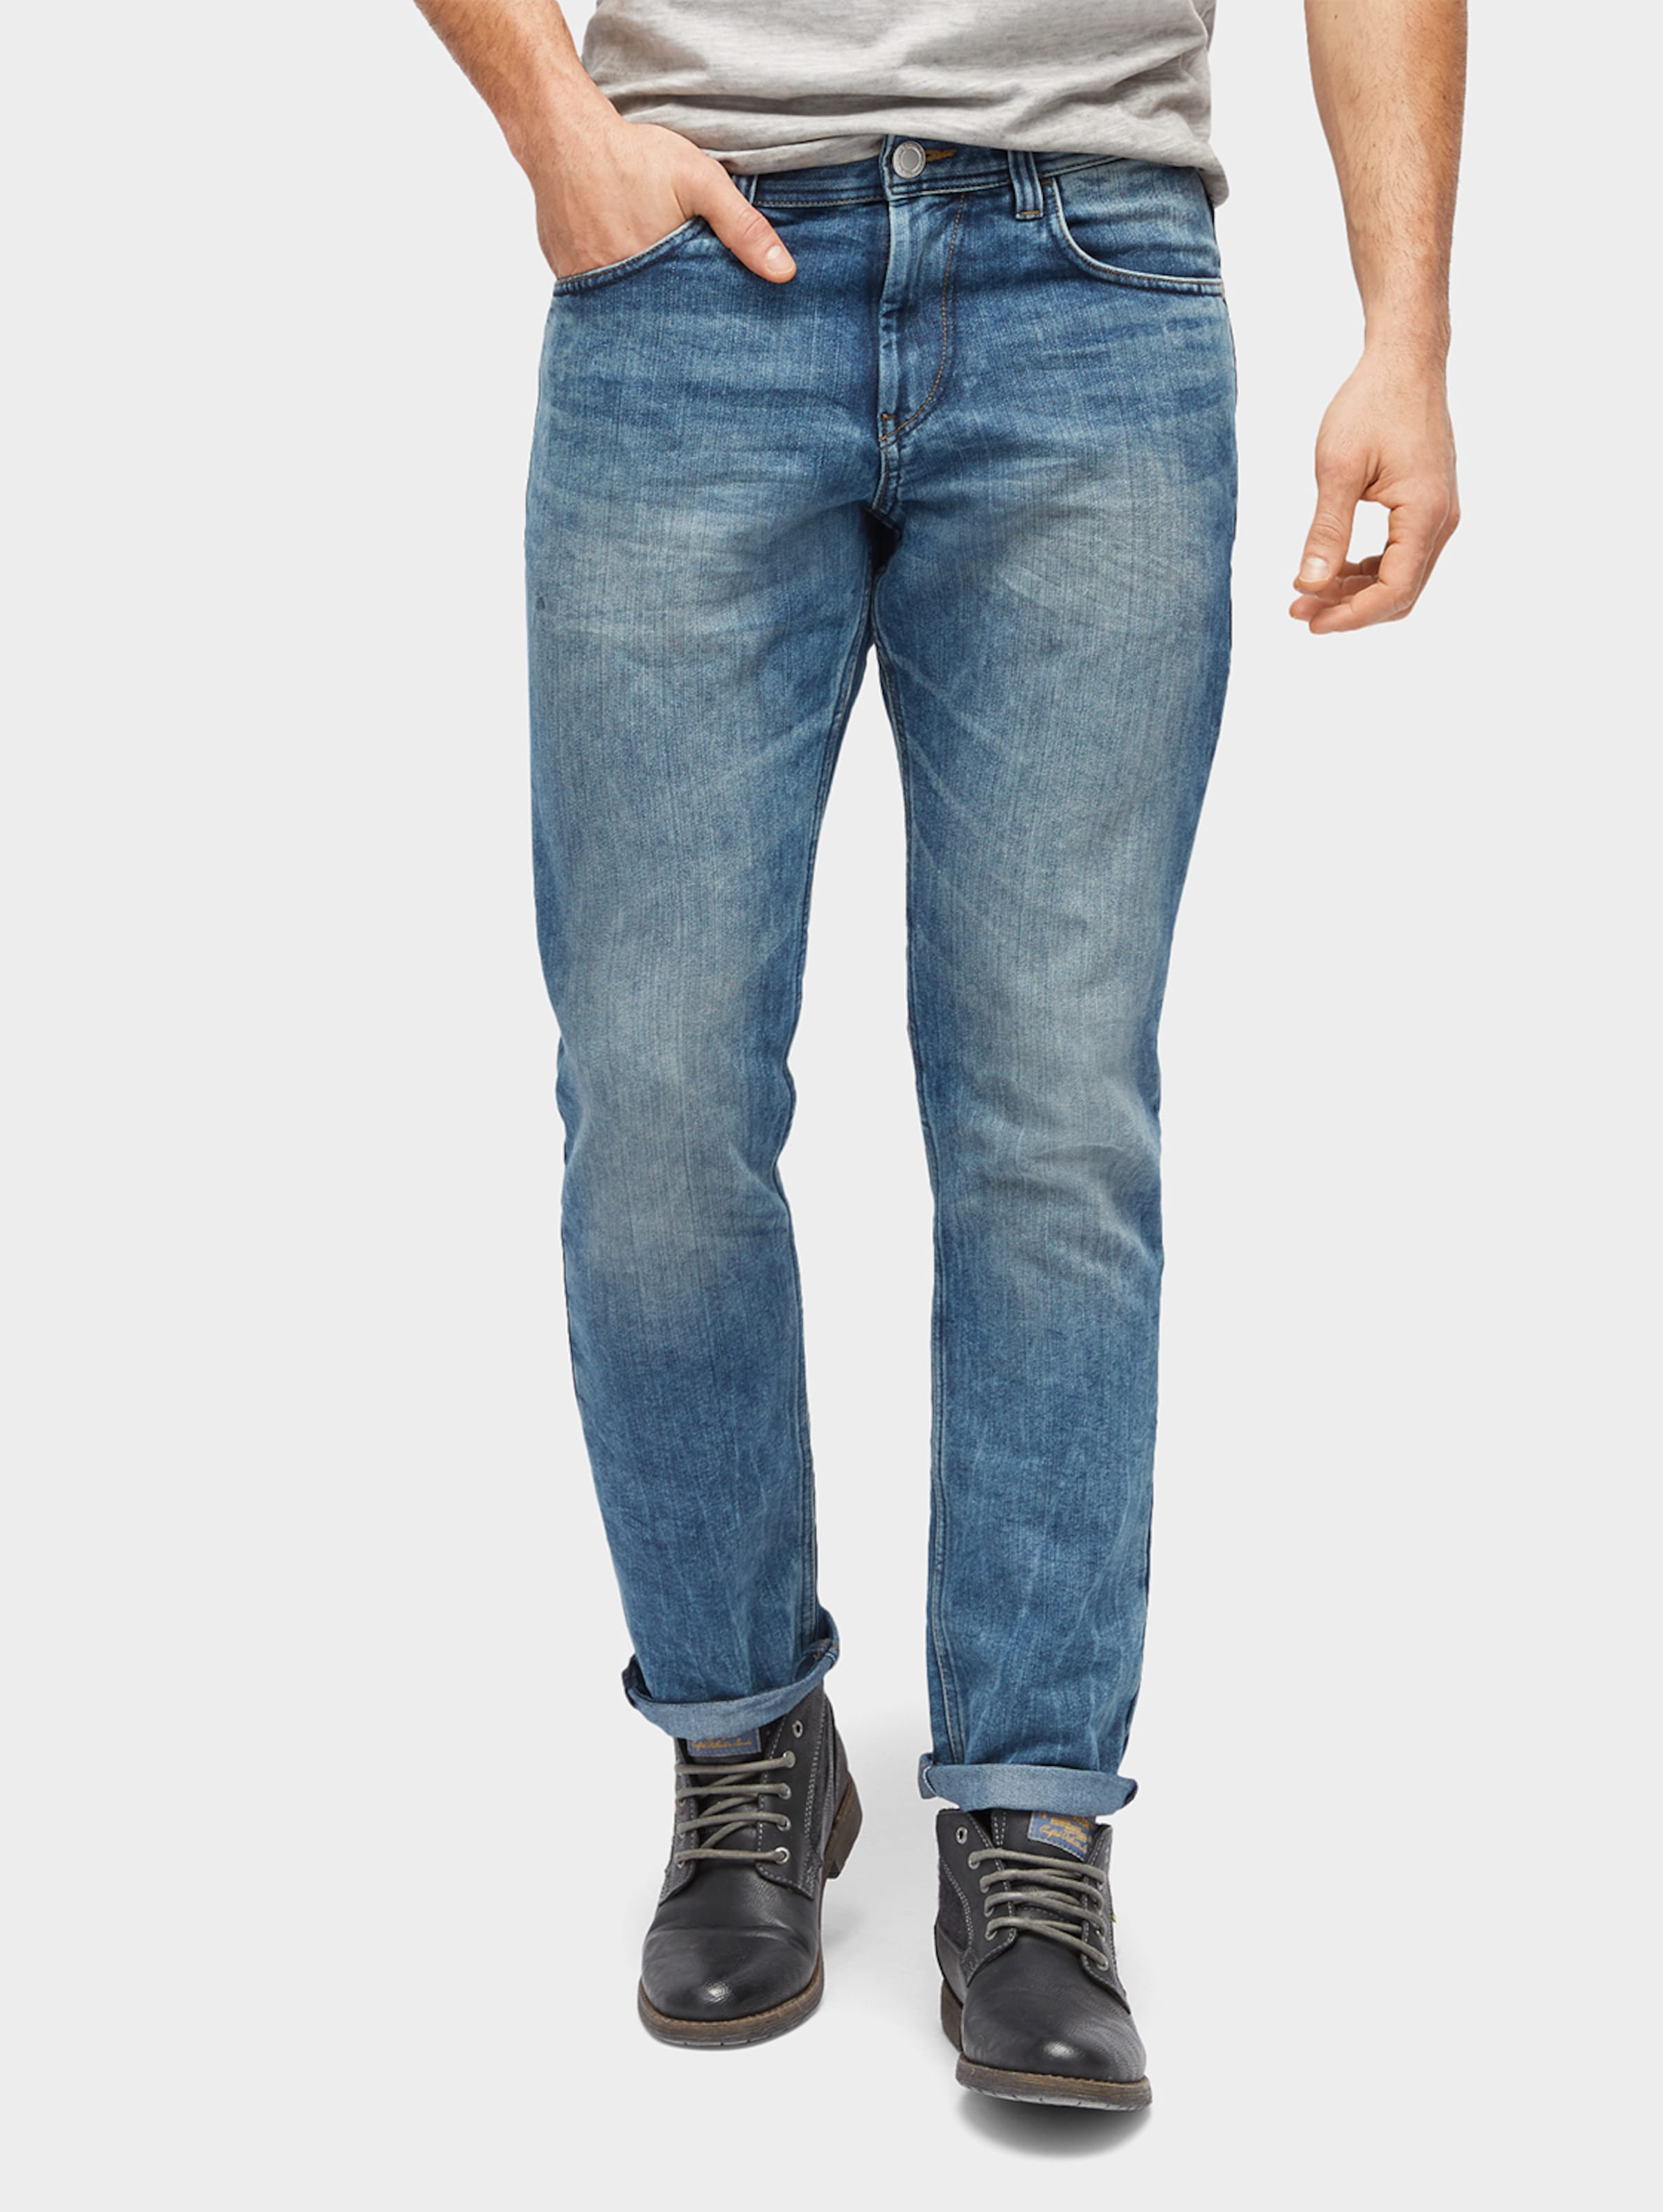 Billig Verkauf Angebote TOM TAILOR Slim Jeans 'Troy' Günstig Kaufen Visum Zahlung V6gGZD